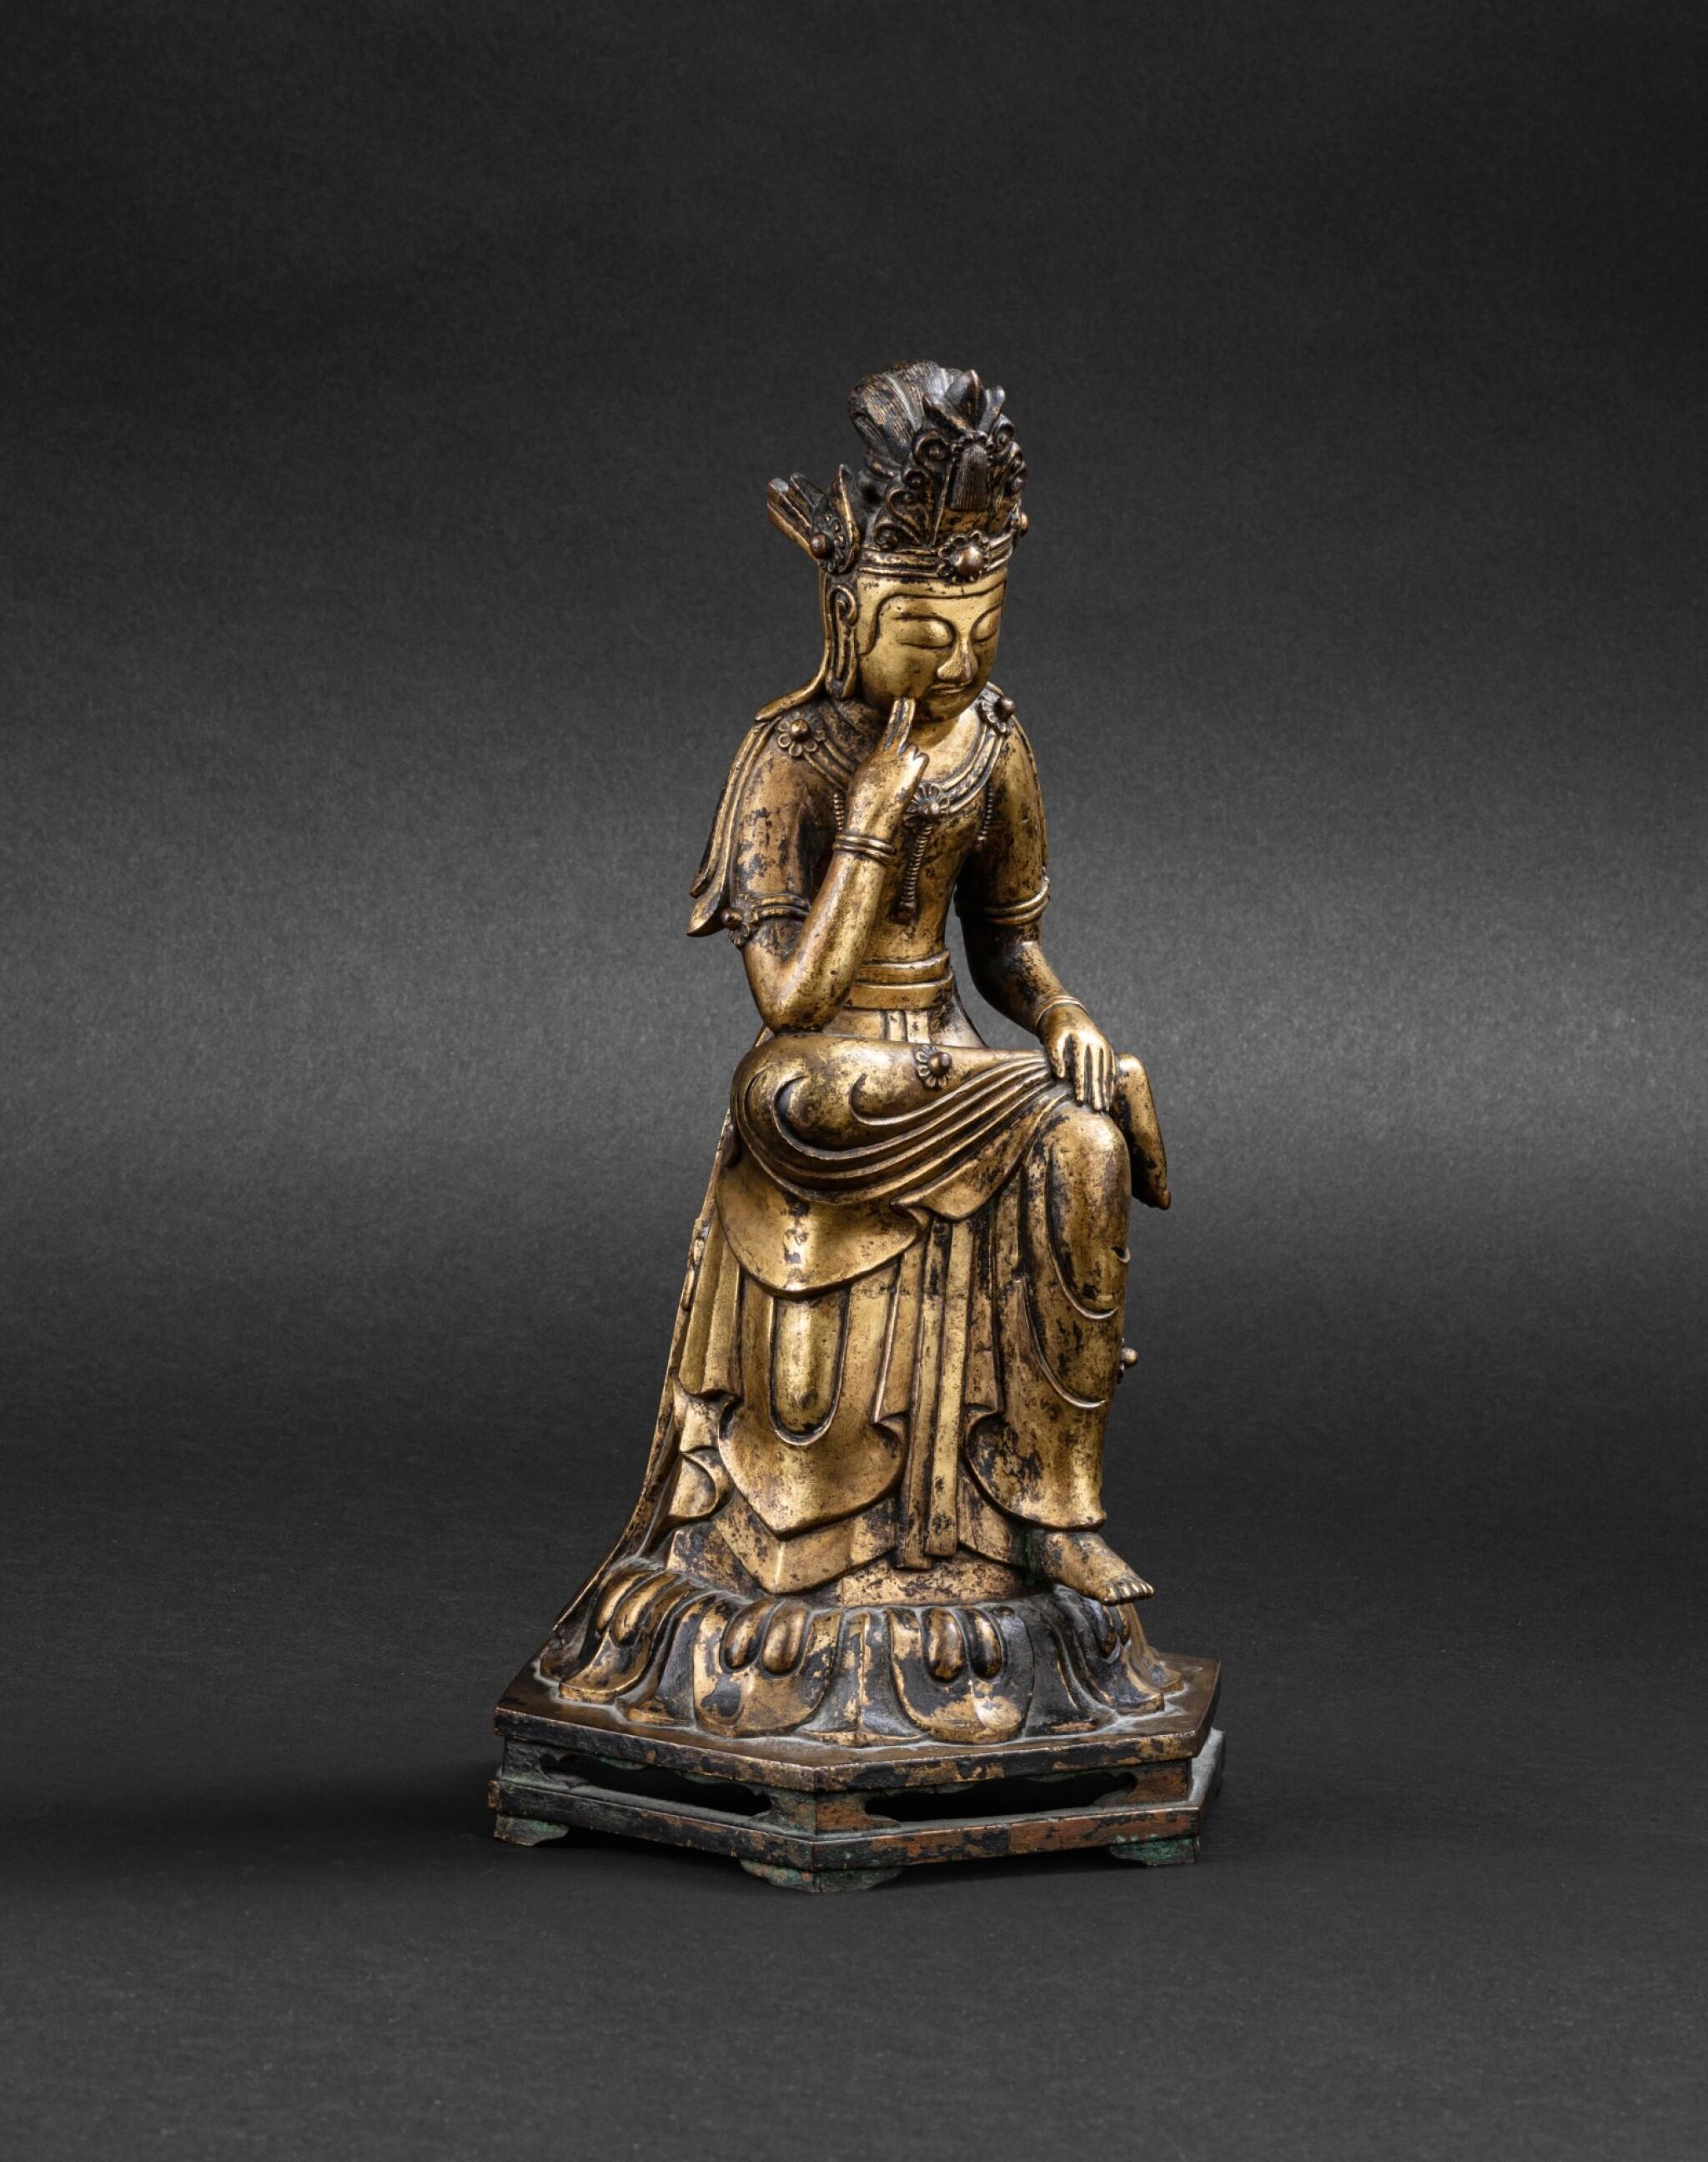 View 1 of Lot 263. Figure de Maitreya en bronze doré Corée, probablement début XXE siècle   朝鮮 或為二十世紀初 鎏金銅彌勒佛坐像   A gilt bronze figure of seated Maitreya, Korea, probably early 20th century, in an earlier Joseon style.